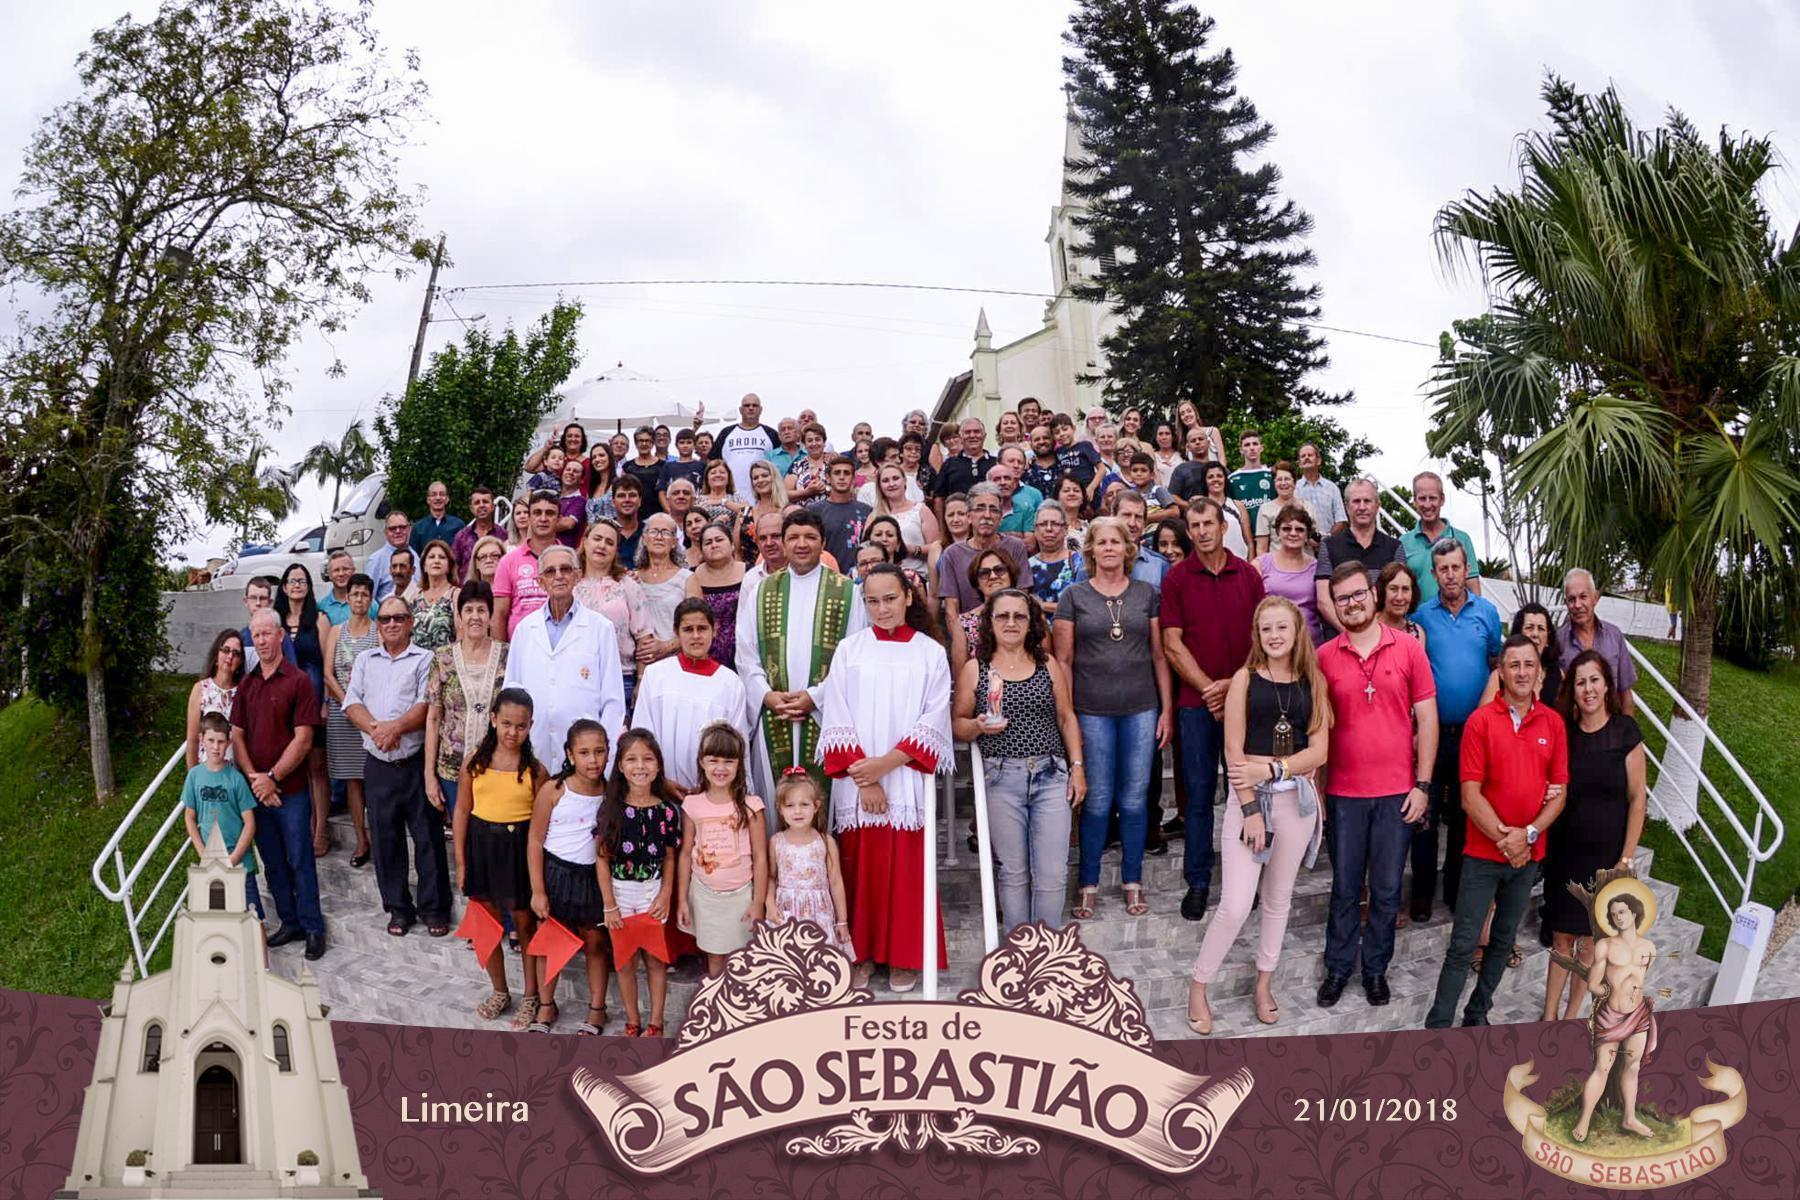 Festa de São Sebastião